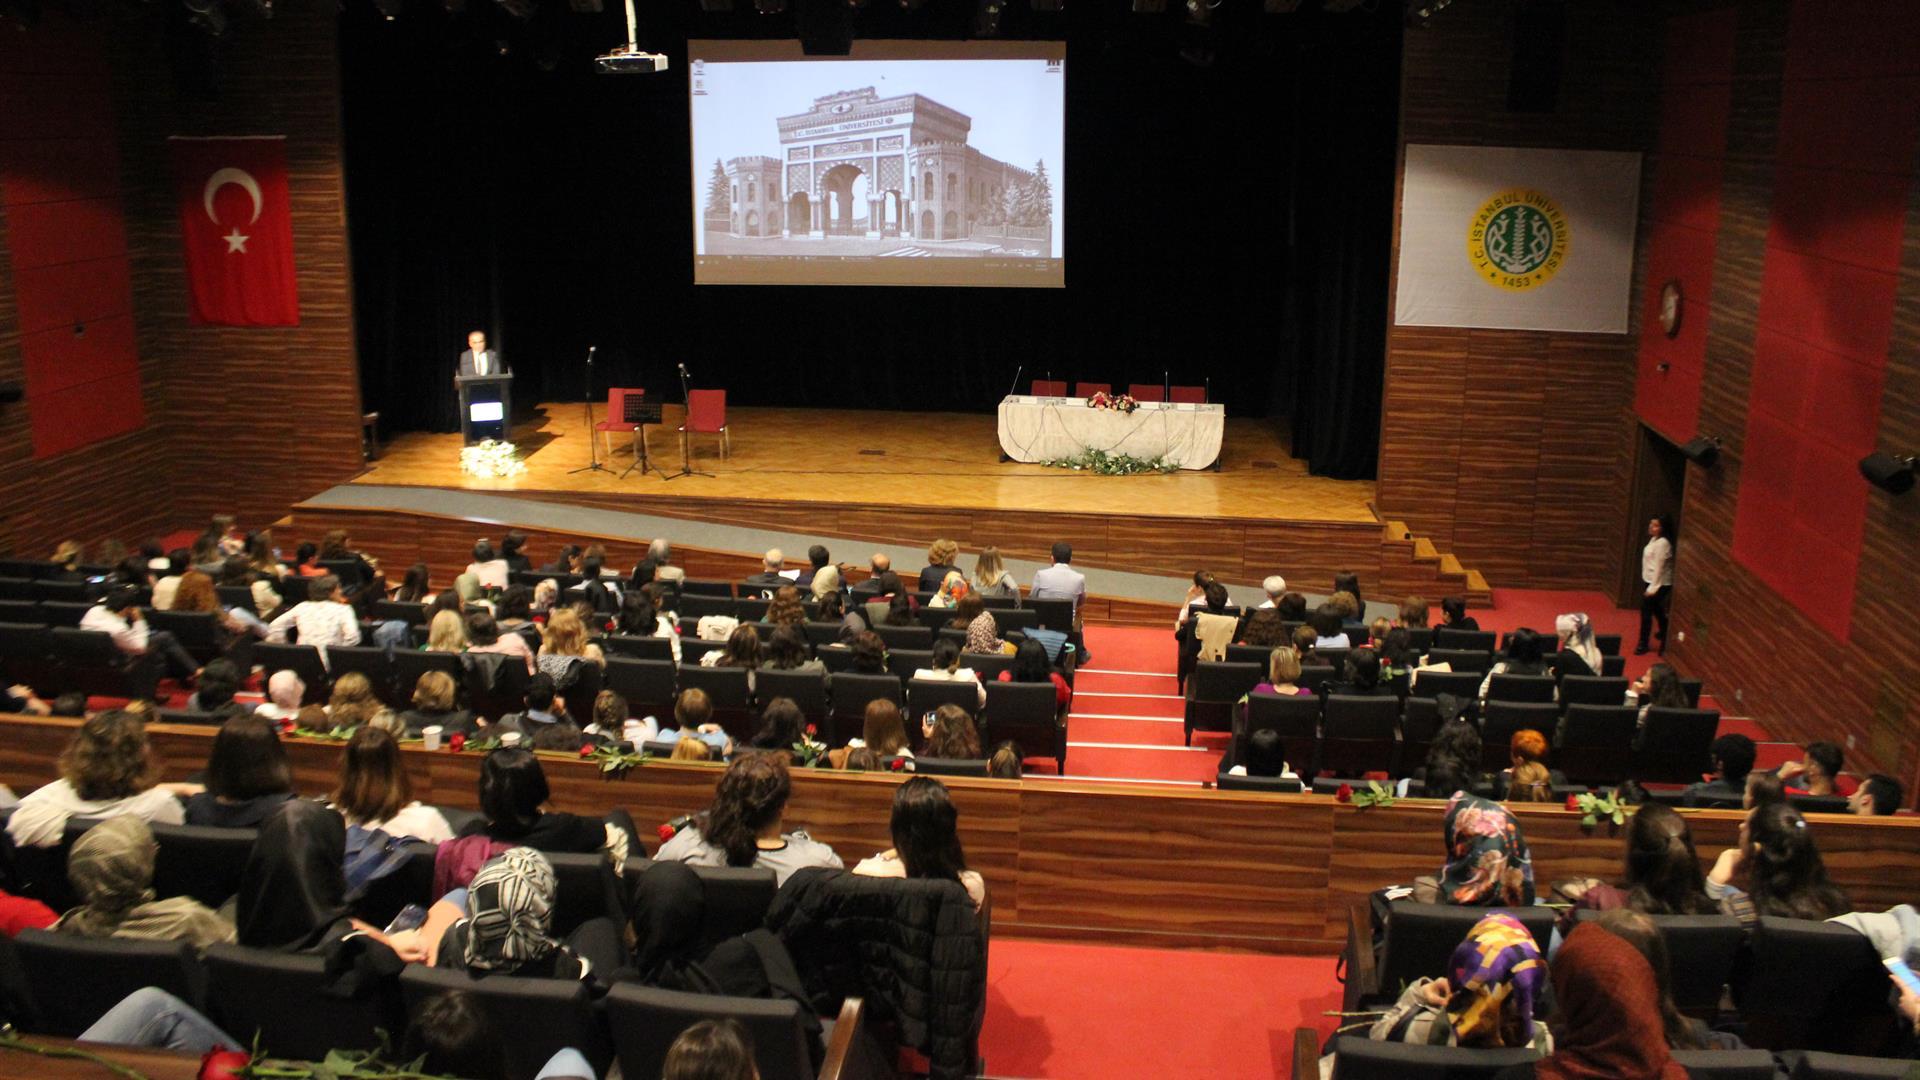 istanbul-üniversitesi---cerrahpaşa -iüc-florence-hemşirelik-fakültesi -florence-hemşirelik -üniversite -eğitim -istanbul-üniversitesi -iü -istanbul-university-cerrahpaşa -cerrahpaşa -istanbul-university-cerrahpaşa-florence-nightingale-hemşirelik-fakültesi -florence-nightingale-hemşirelik -nightingale-hemşirelik -florence -nightingale -hemşirelik